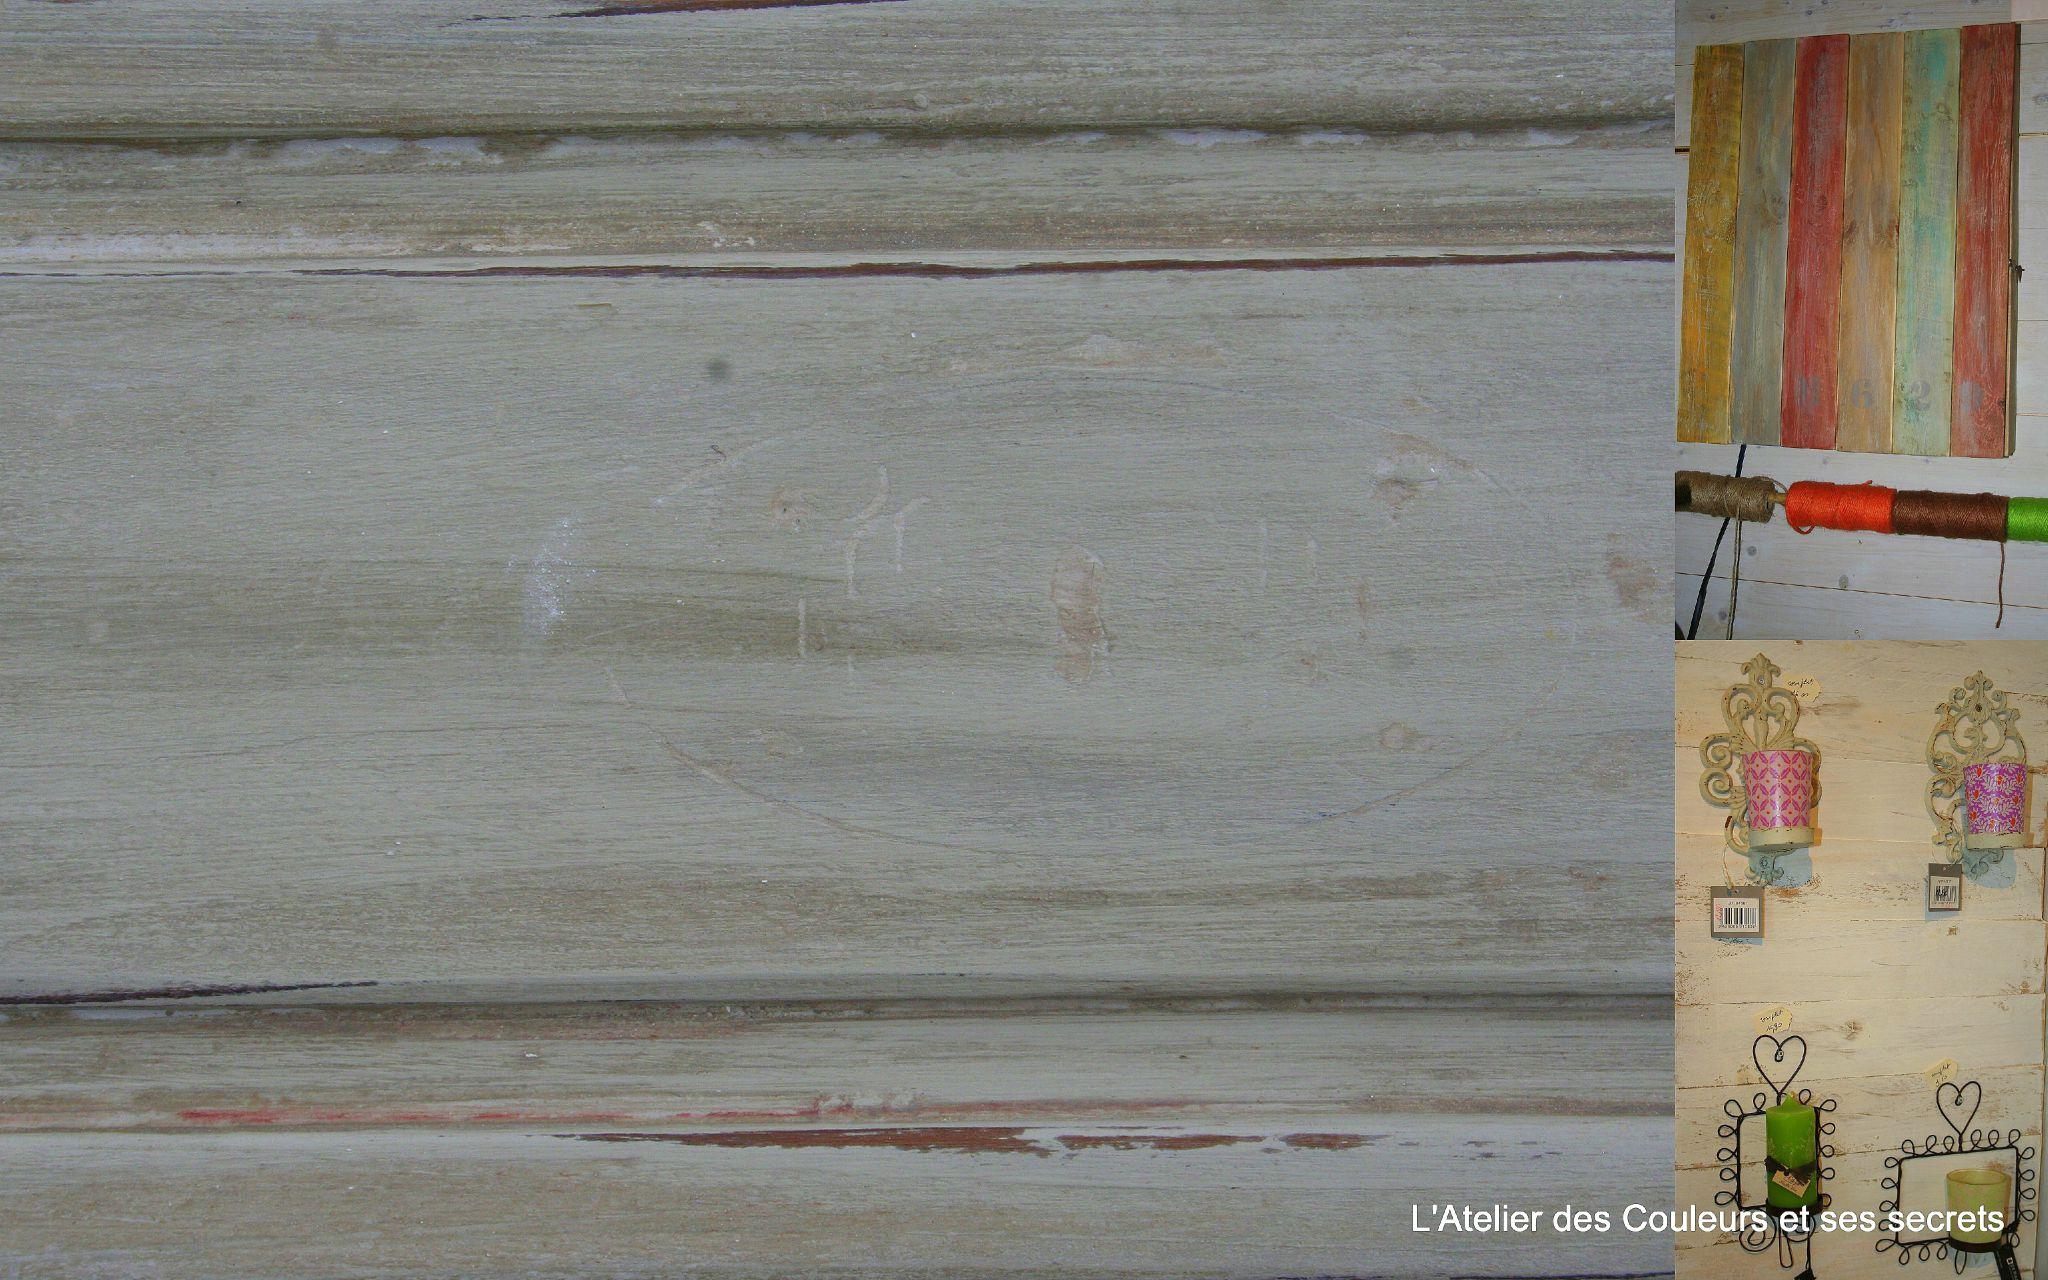 Les stages 2012 de peintures patines naturelles l 39 atelier des couleurs et ses secrets for Peinture patinee sur bois